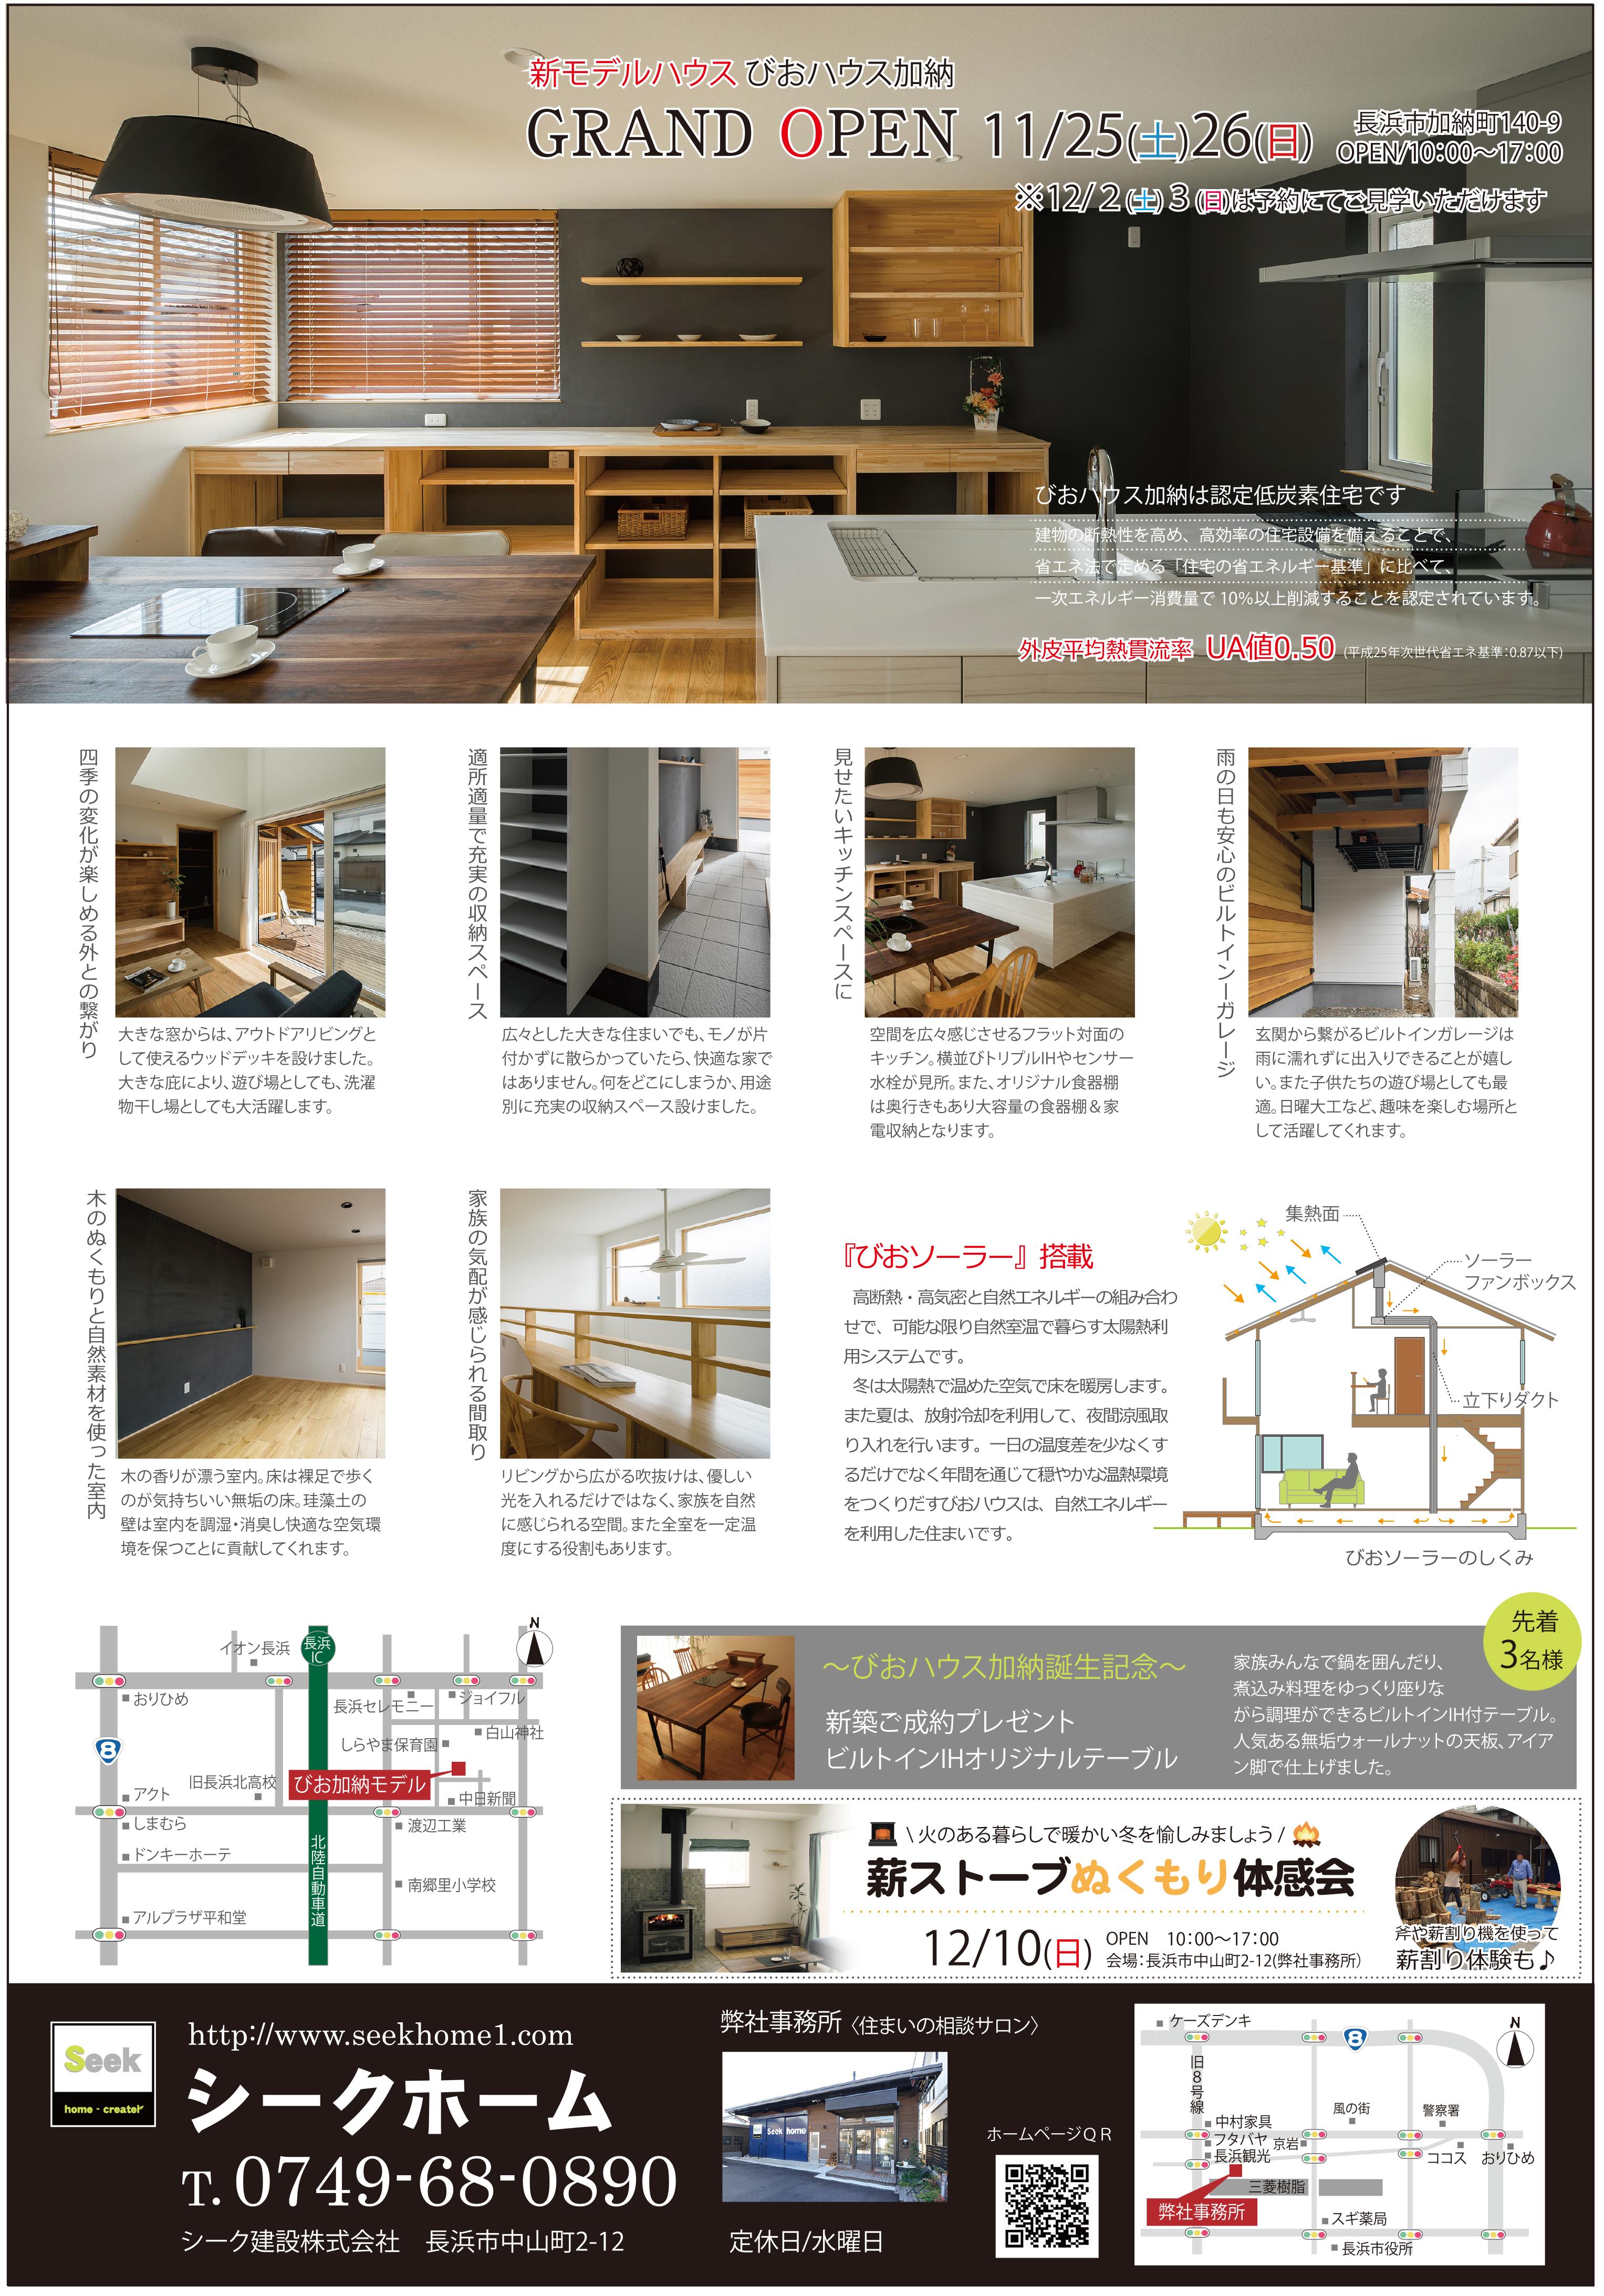 びお加納グランドオープン2.jpg